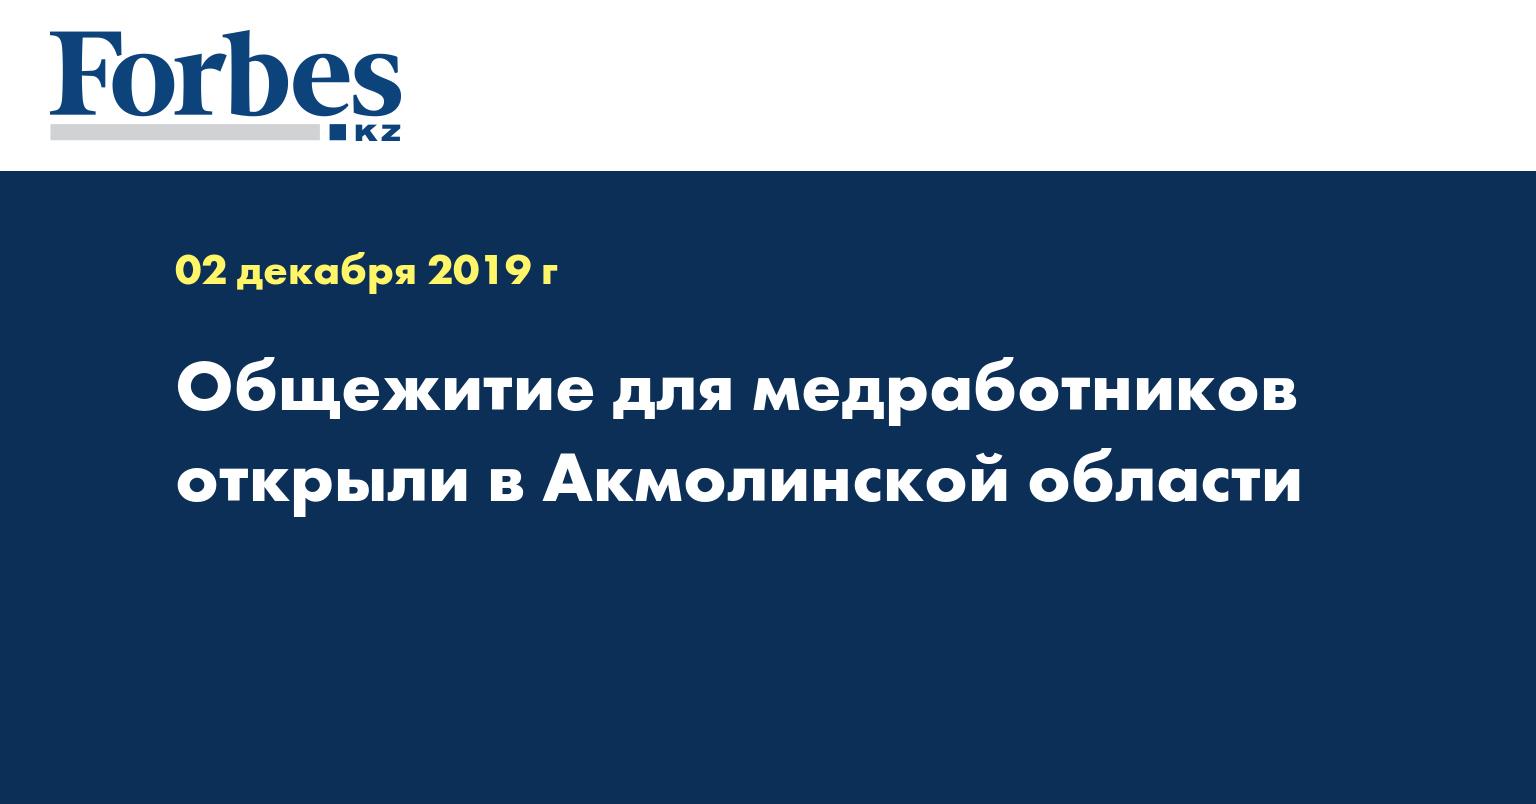 Общежитие для медработников открыли в Акмолинской области